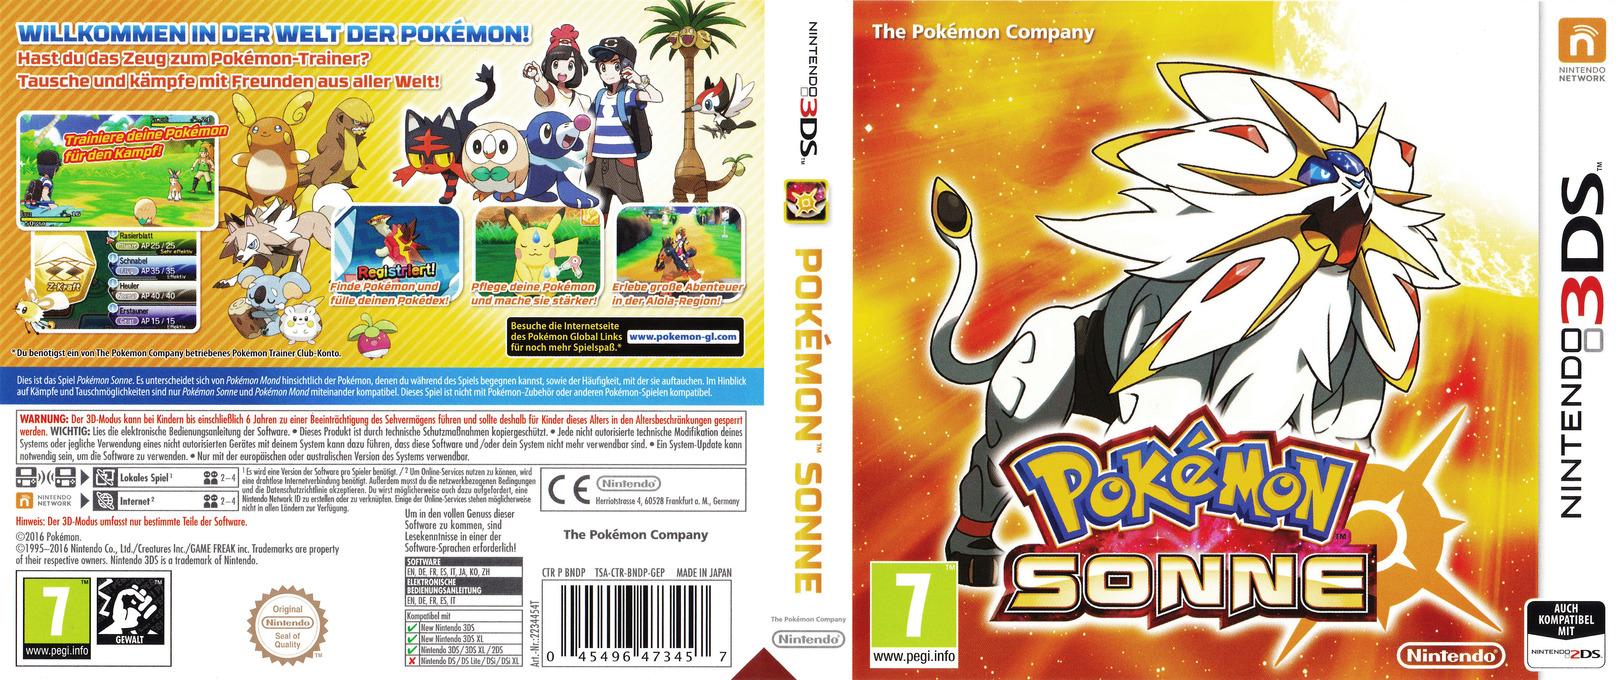 BNDP - Pokémon Sun